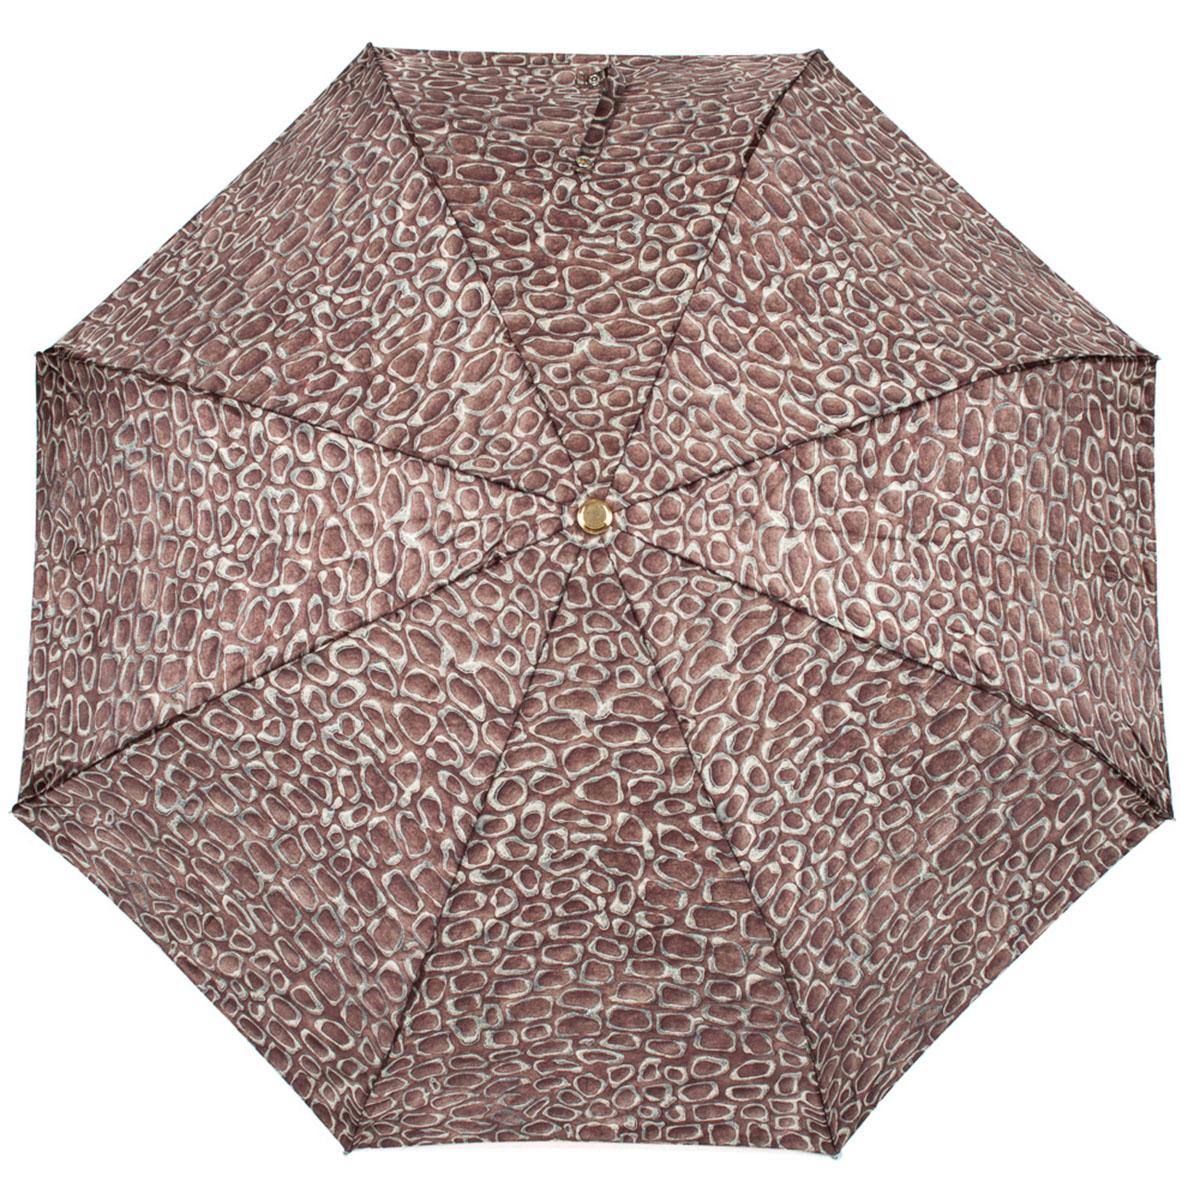 Зонт складной женский Stilla, цвет: темно-коричневый. 572/2 mini572/2 miniОблегченный женский зонтик. Конструкция 3 сложения, полный автомат, облегченная конструкция (вес - 320 гр), система антиветер. Ткань - полиэстер. Диаметр купола - 112 см по верхней части, 101 см по нижней. Длина в сложенном состоянии - 27 см.